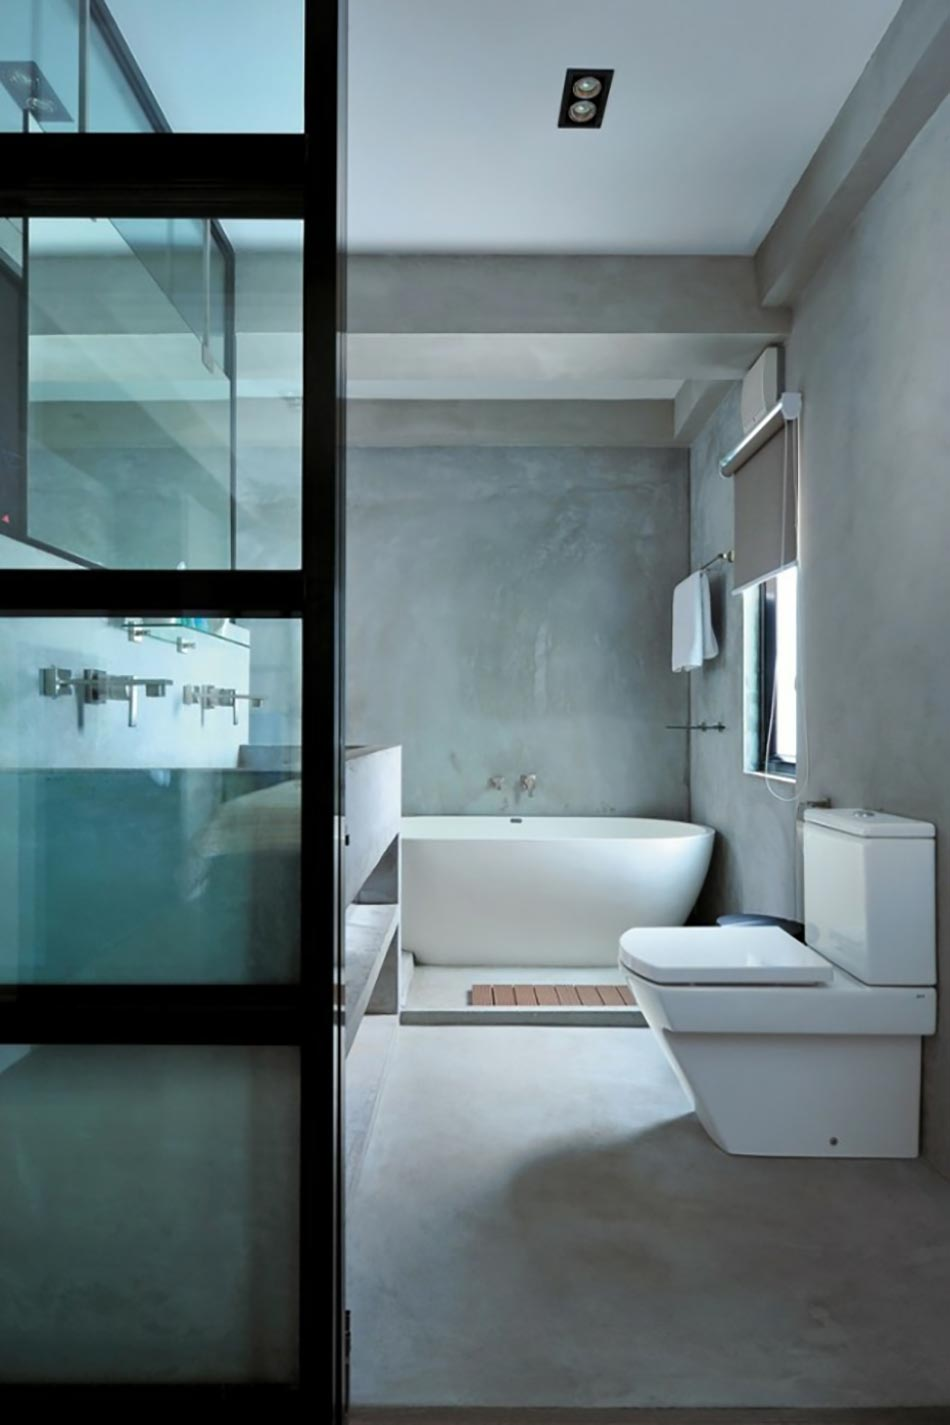 16 id es b ton pour des salles de bain design - Modele de salle de bain design ...